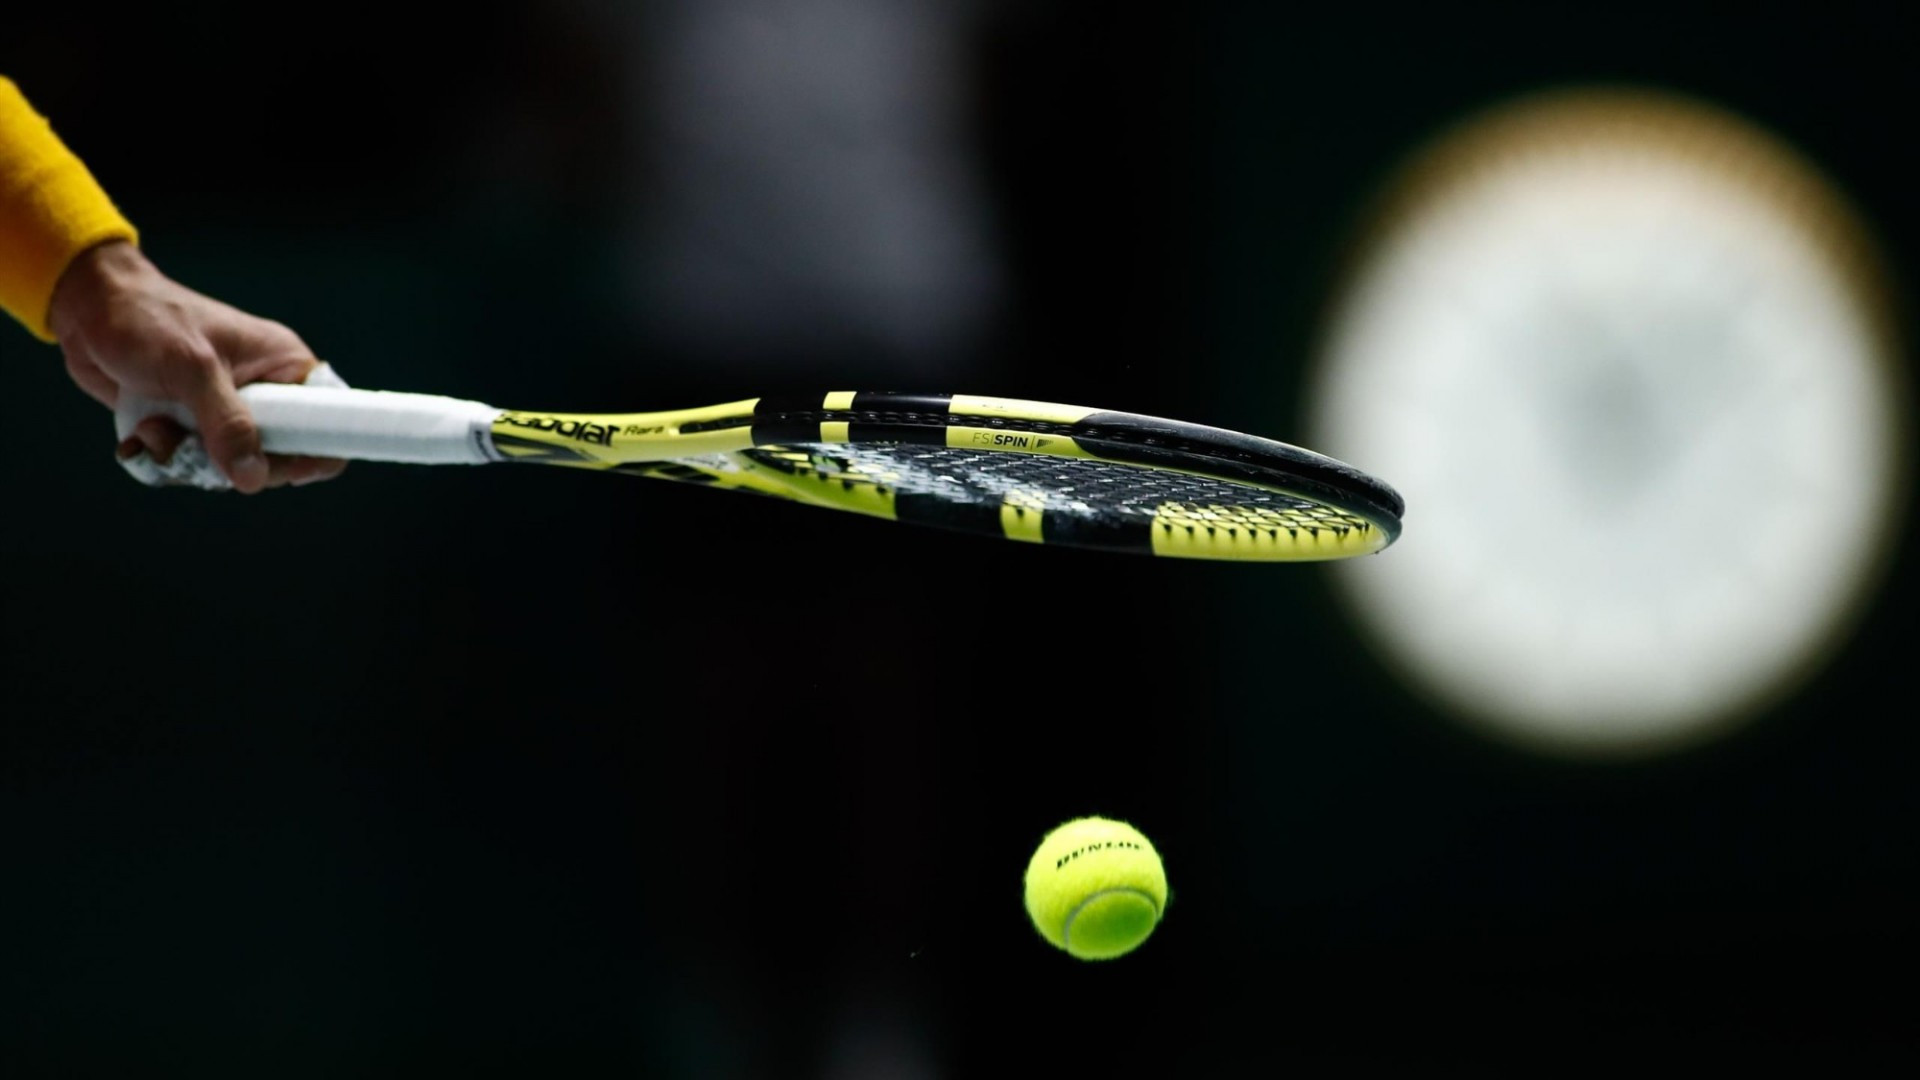 Караганда впервые примет теннисный турнир серии ITF W25